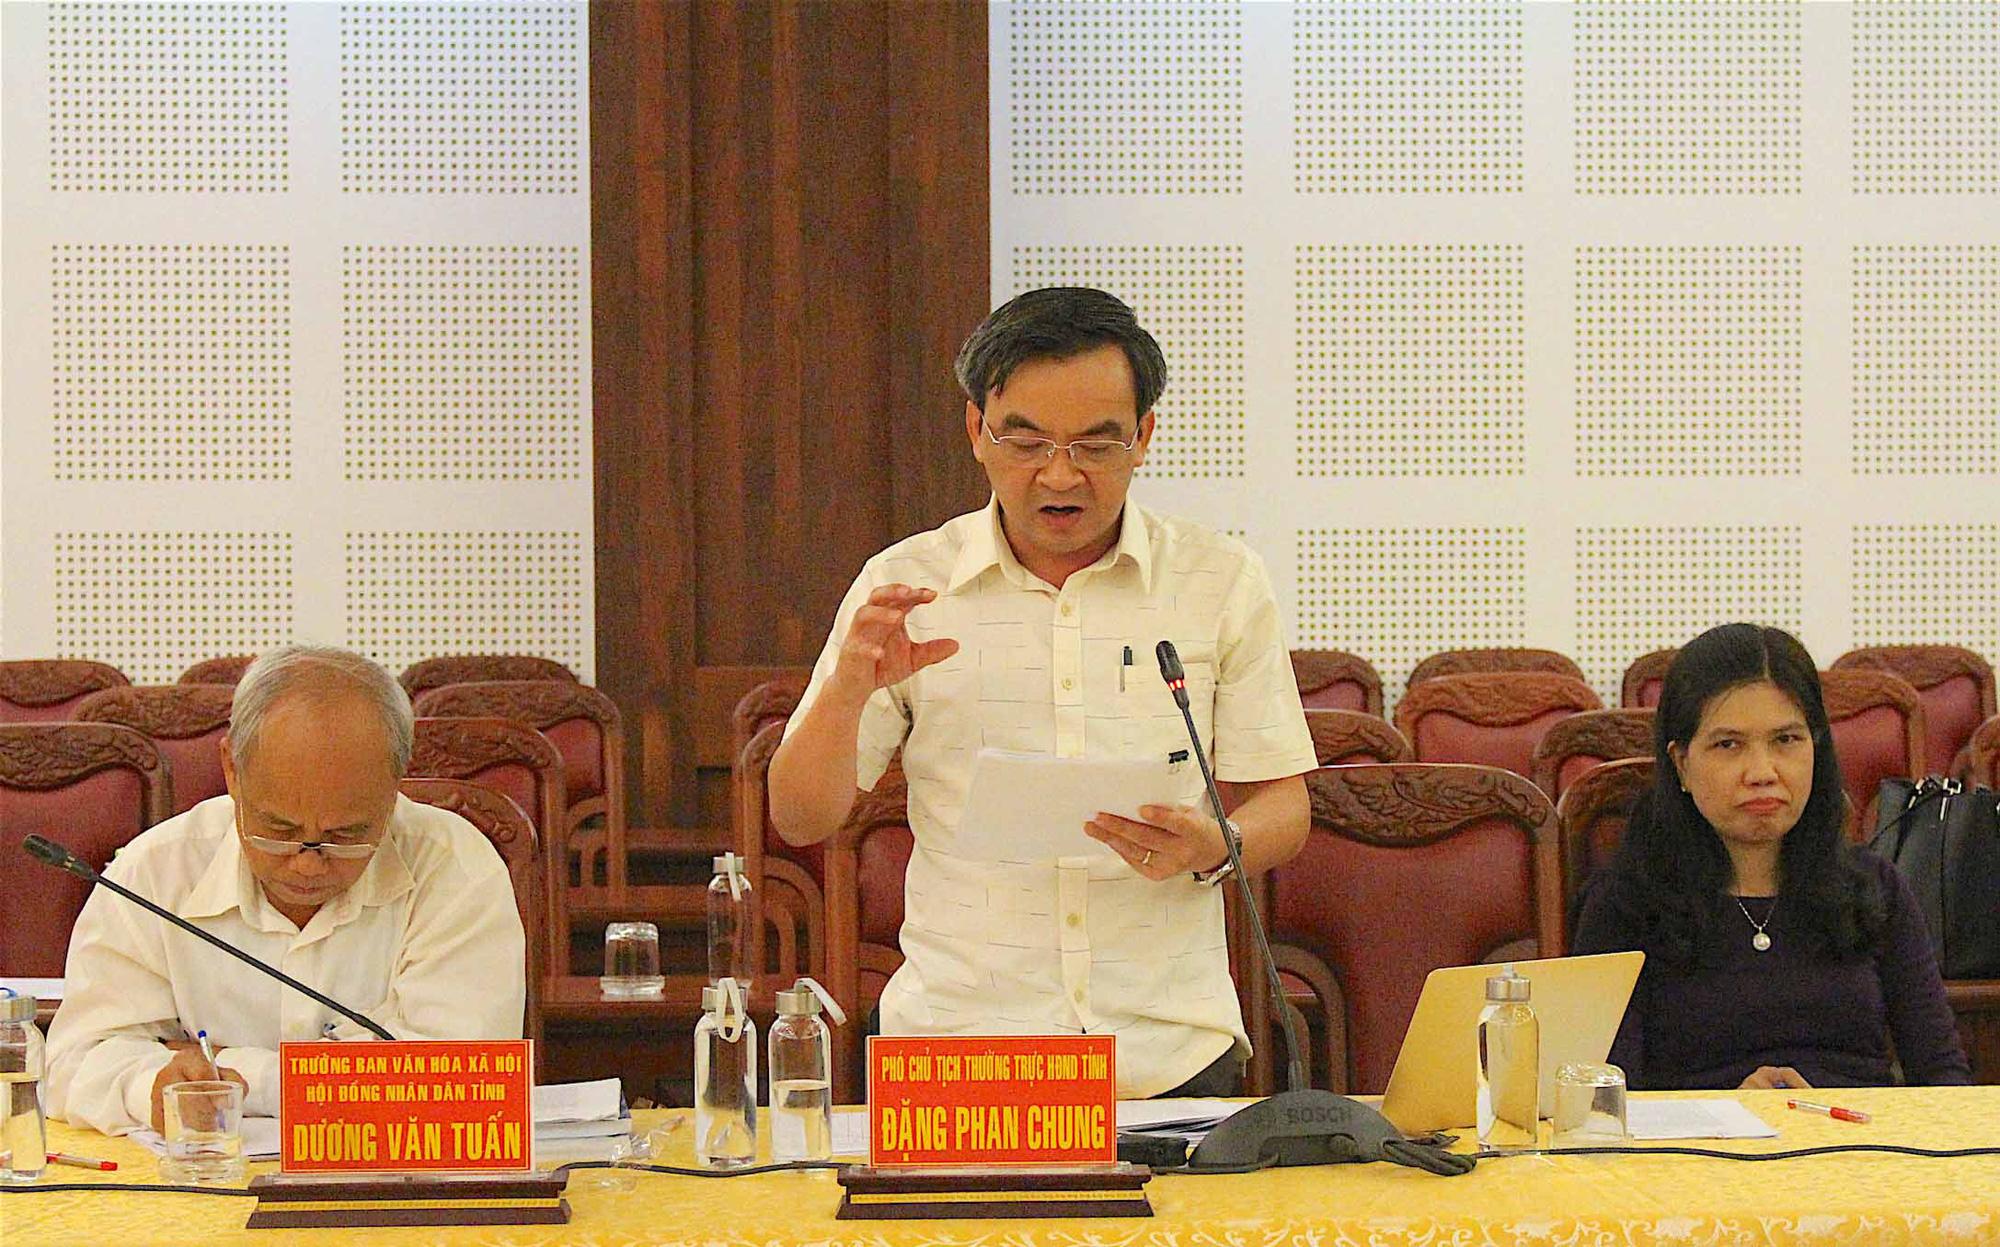 Phó Chủ tịch Hội đồng Nhân dân tỉnh giữ chức Phó Giám đốc Sở LĐTBXH - Ảnh 1.